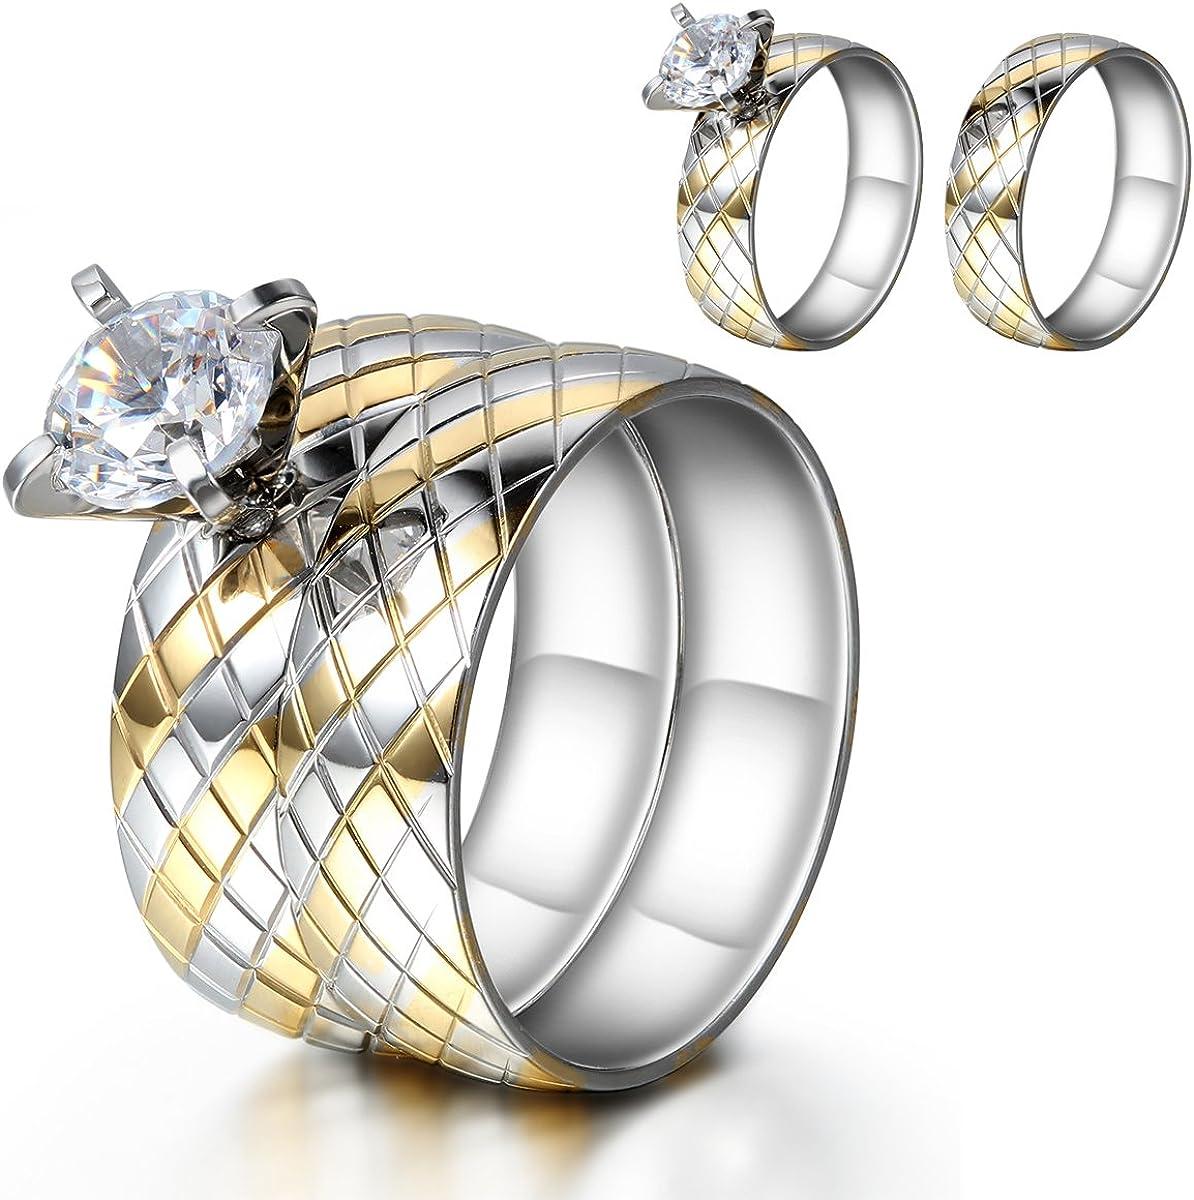 JewelryWe Acero Inoxidable Solitario de Novia Anillo de Compromiso, Boda, 2Piezas Set, Oro Plata (con Bolsa de Regalo)